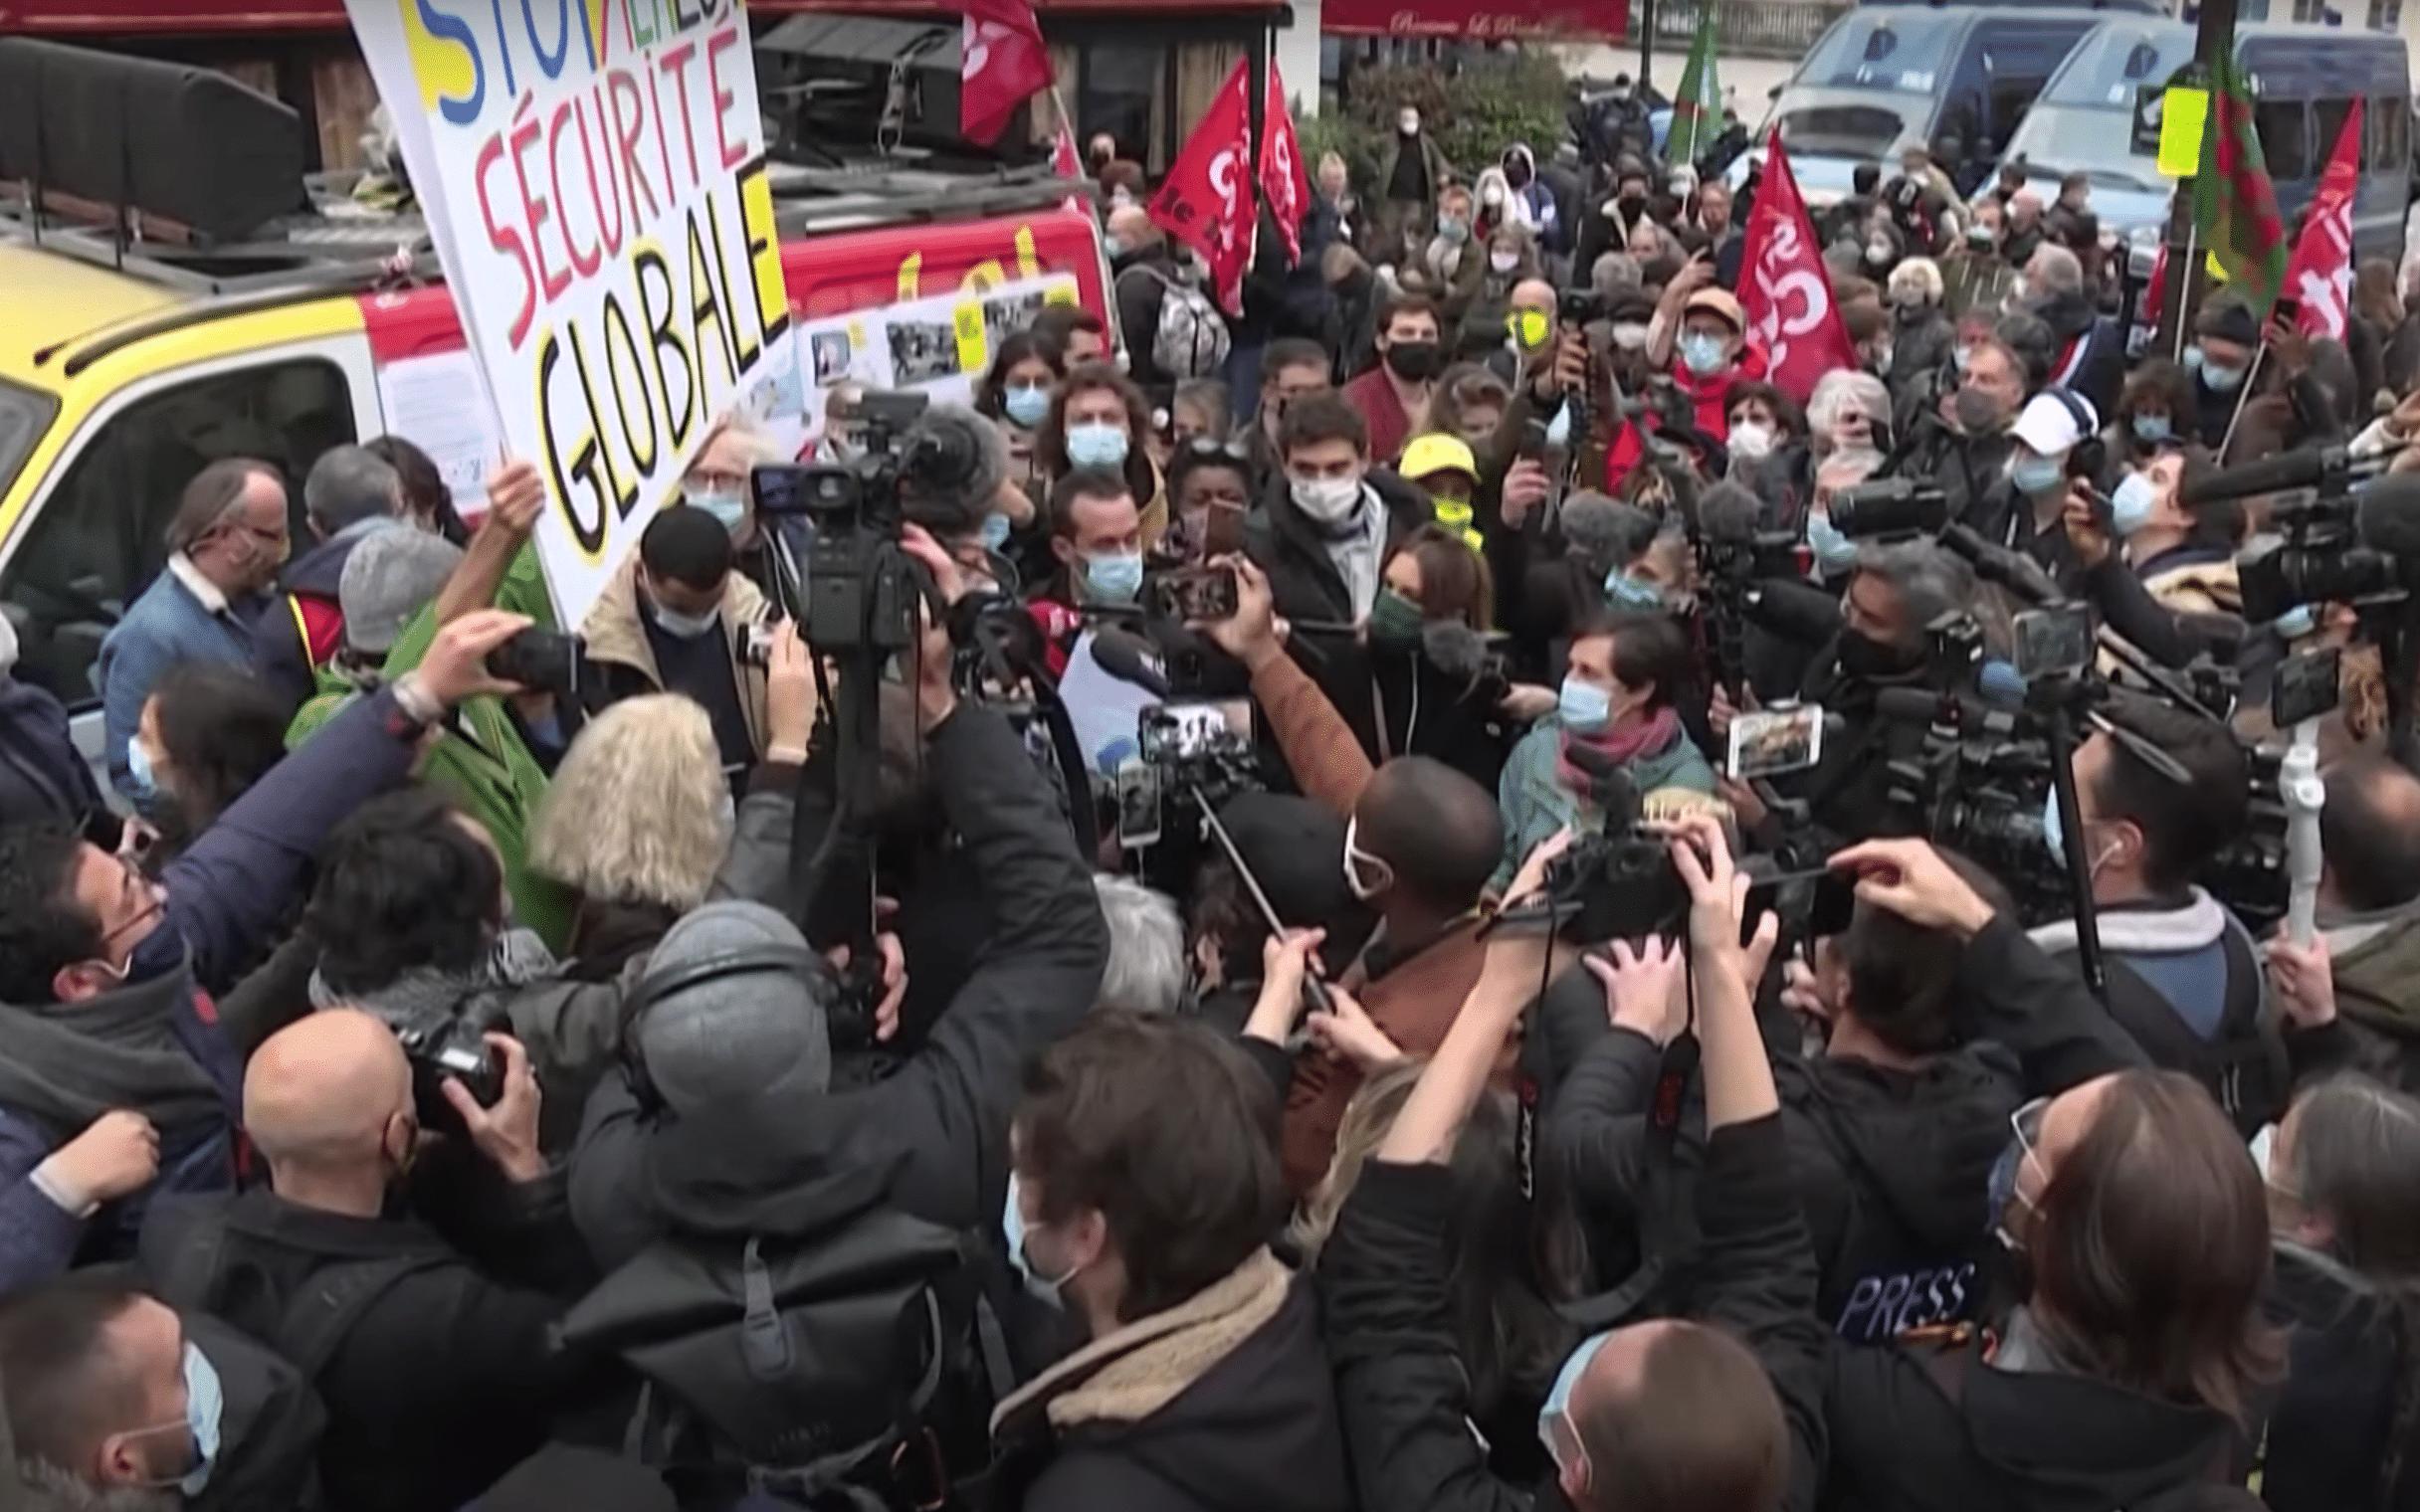 Comment la loi «Sécurité Globale» provoque la colère des journalistes, des jeunes et des femmes